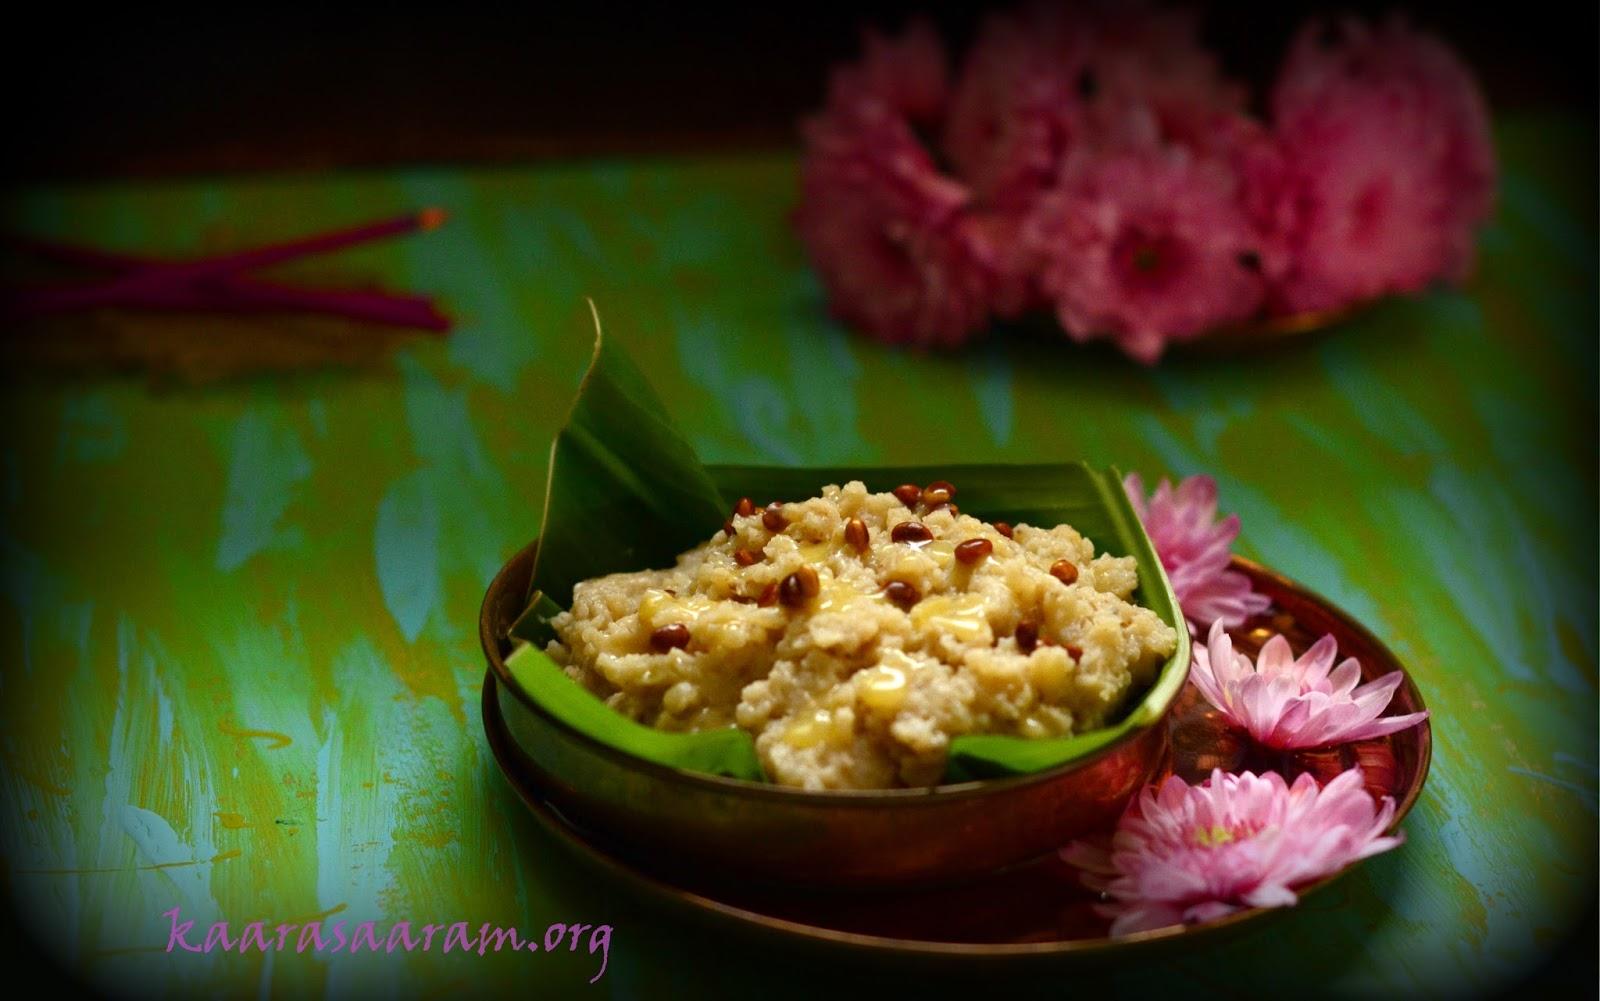 Kaarasaaram: Sivappu Arisi Sarkarai Pongal